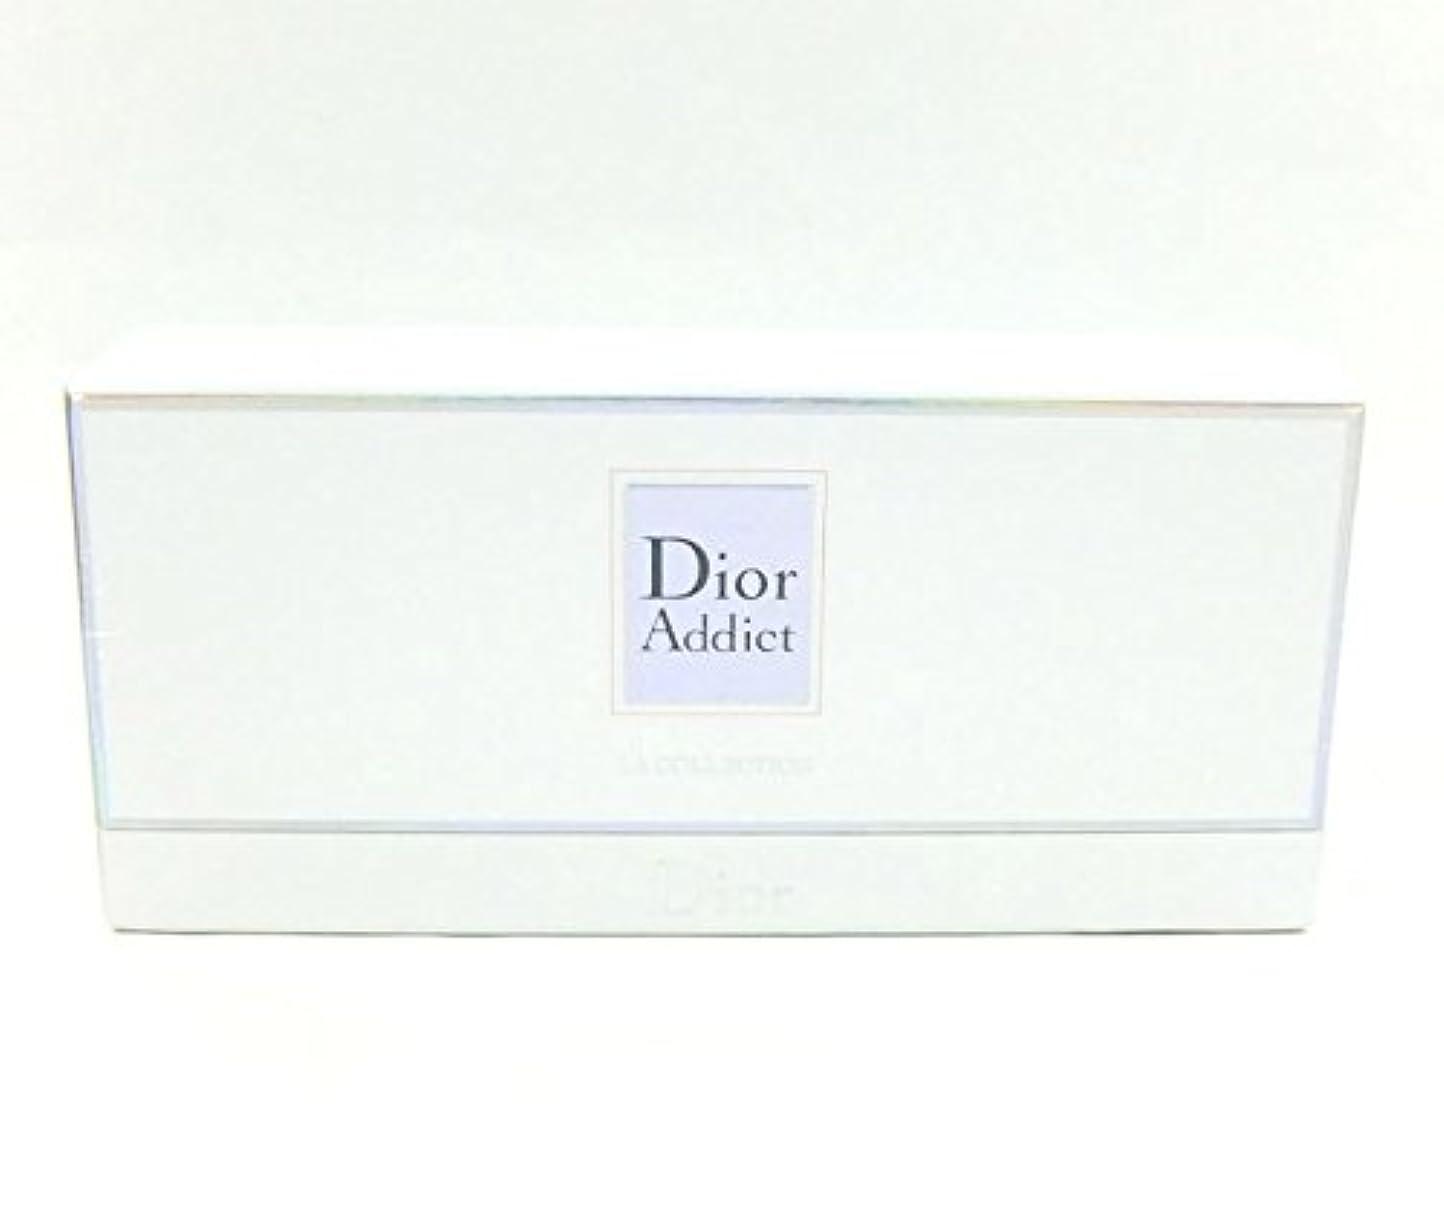 アーネストシャクルトン文法主クリスチャンディオール アディクト ラコレクション 5ml×4 BT (並行輸入) ミニチュア香水 セット